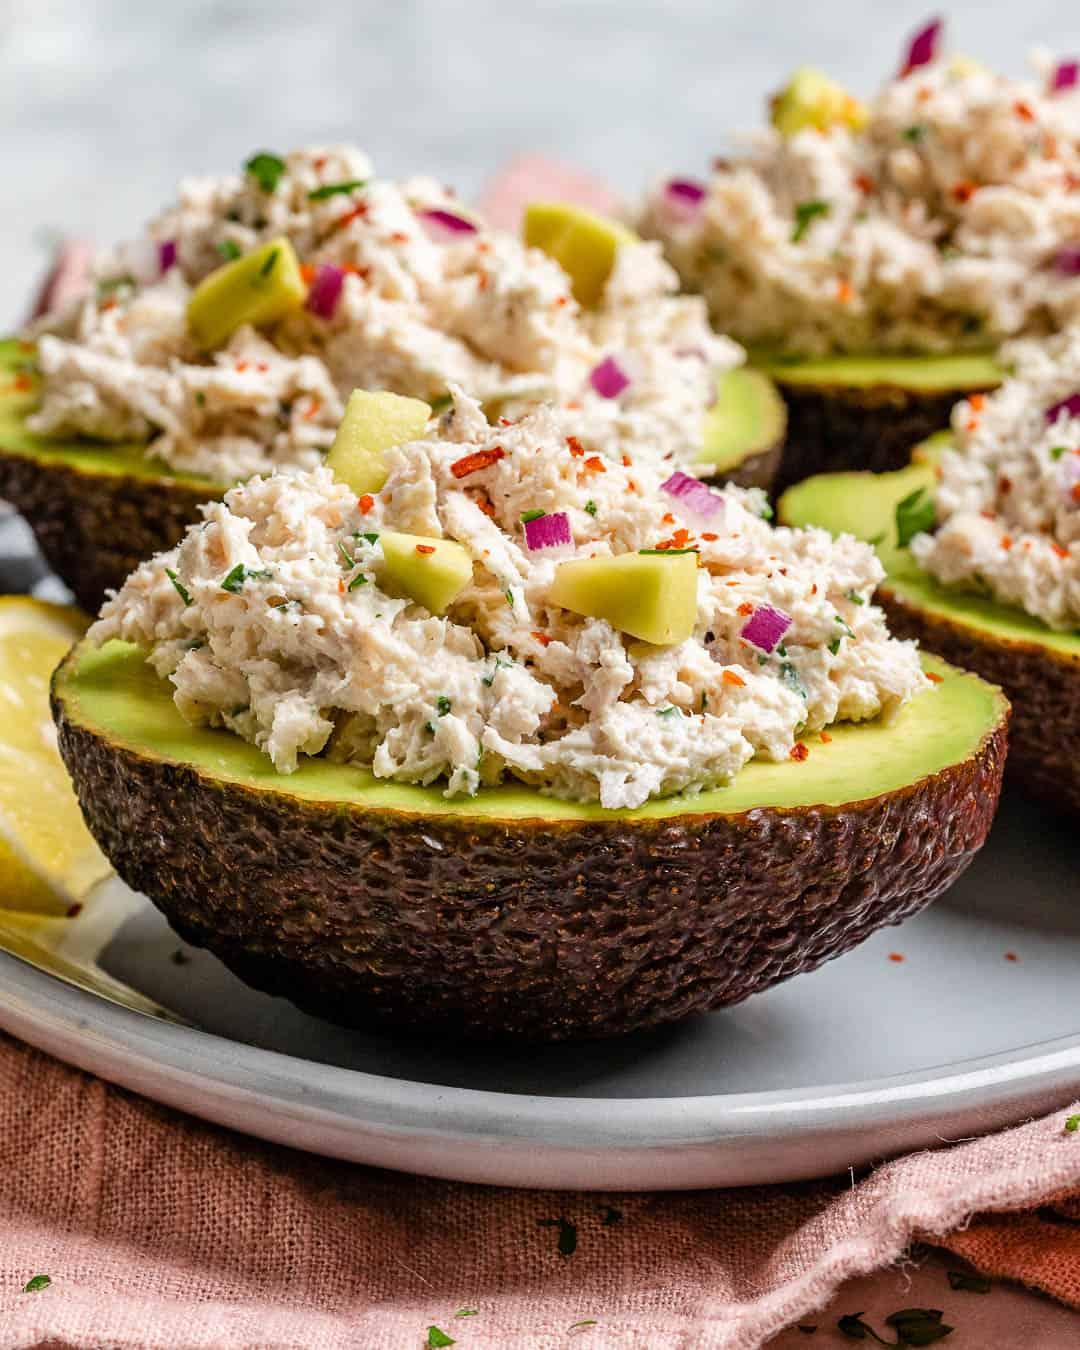 easy chicken salad recipe with avocados